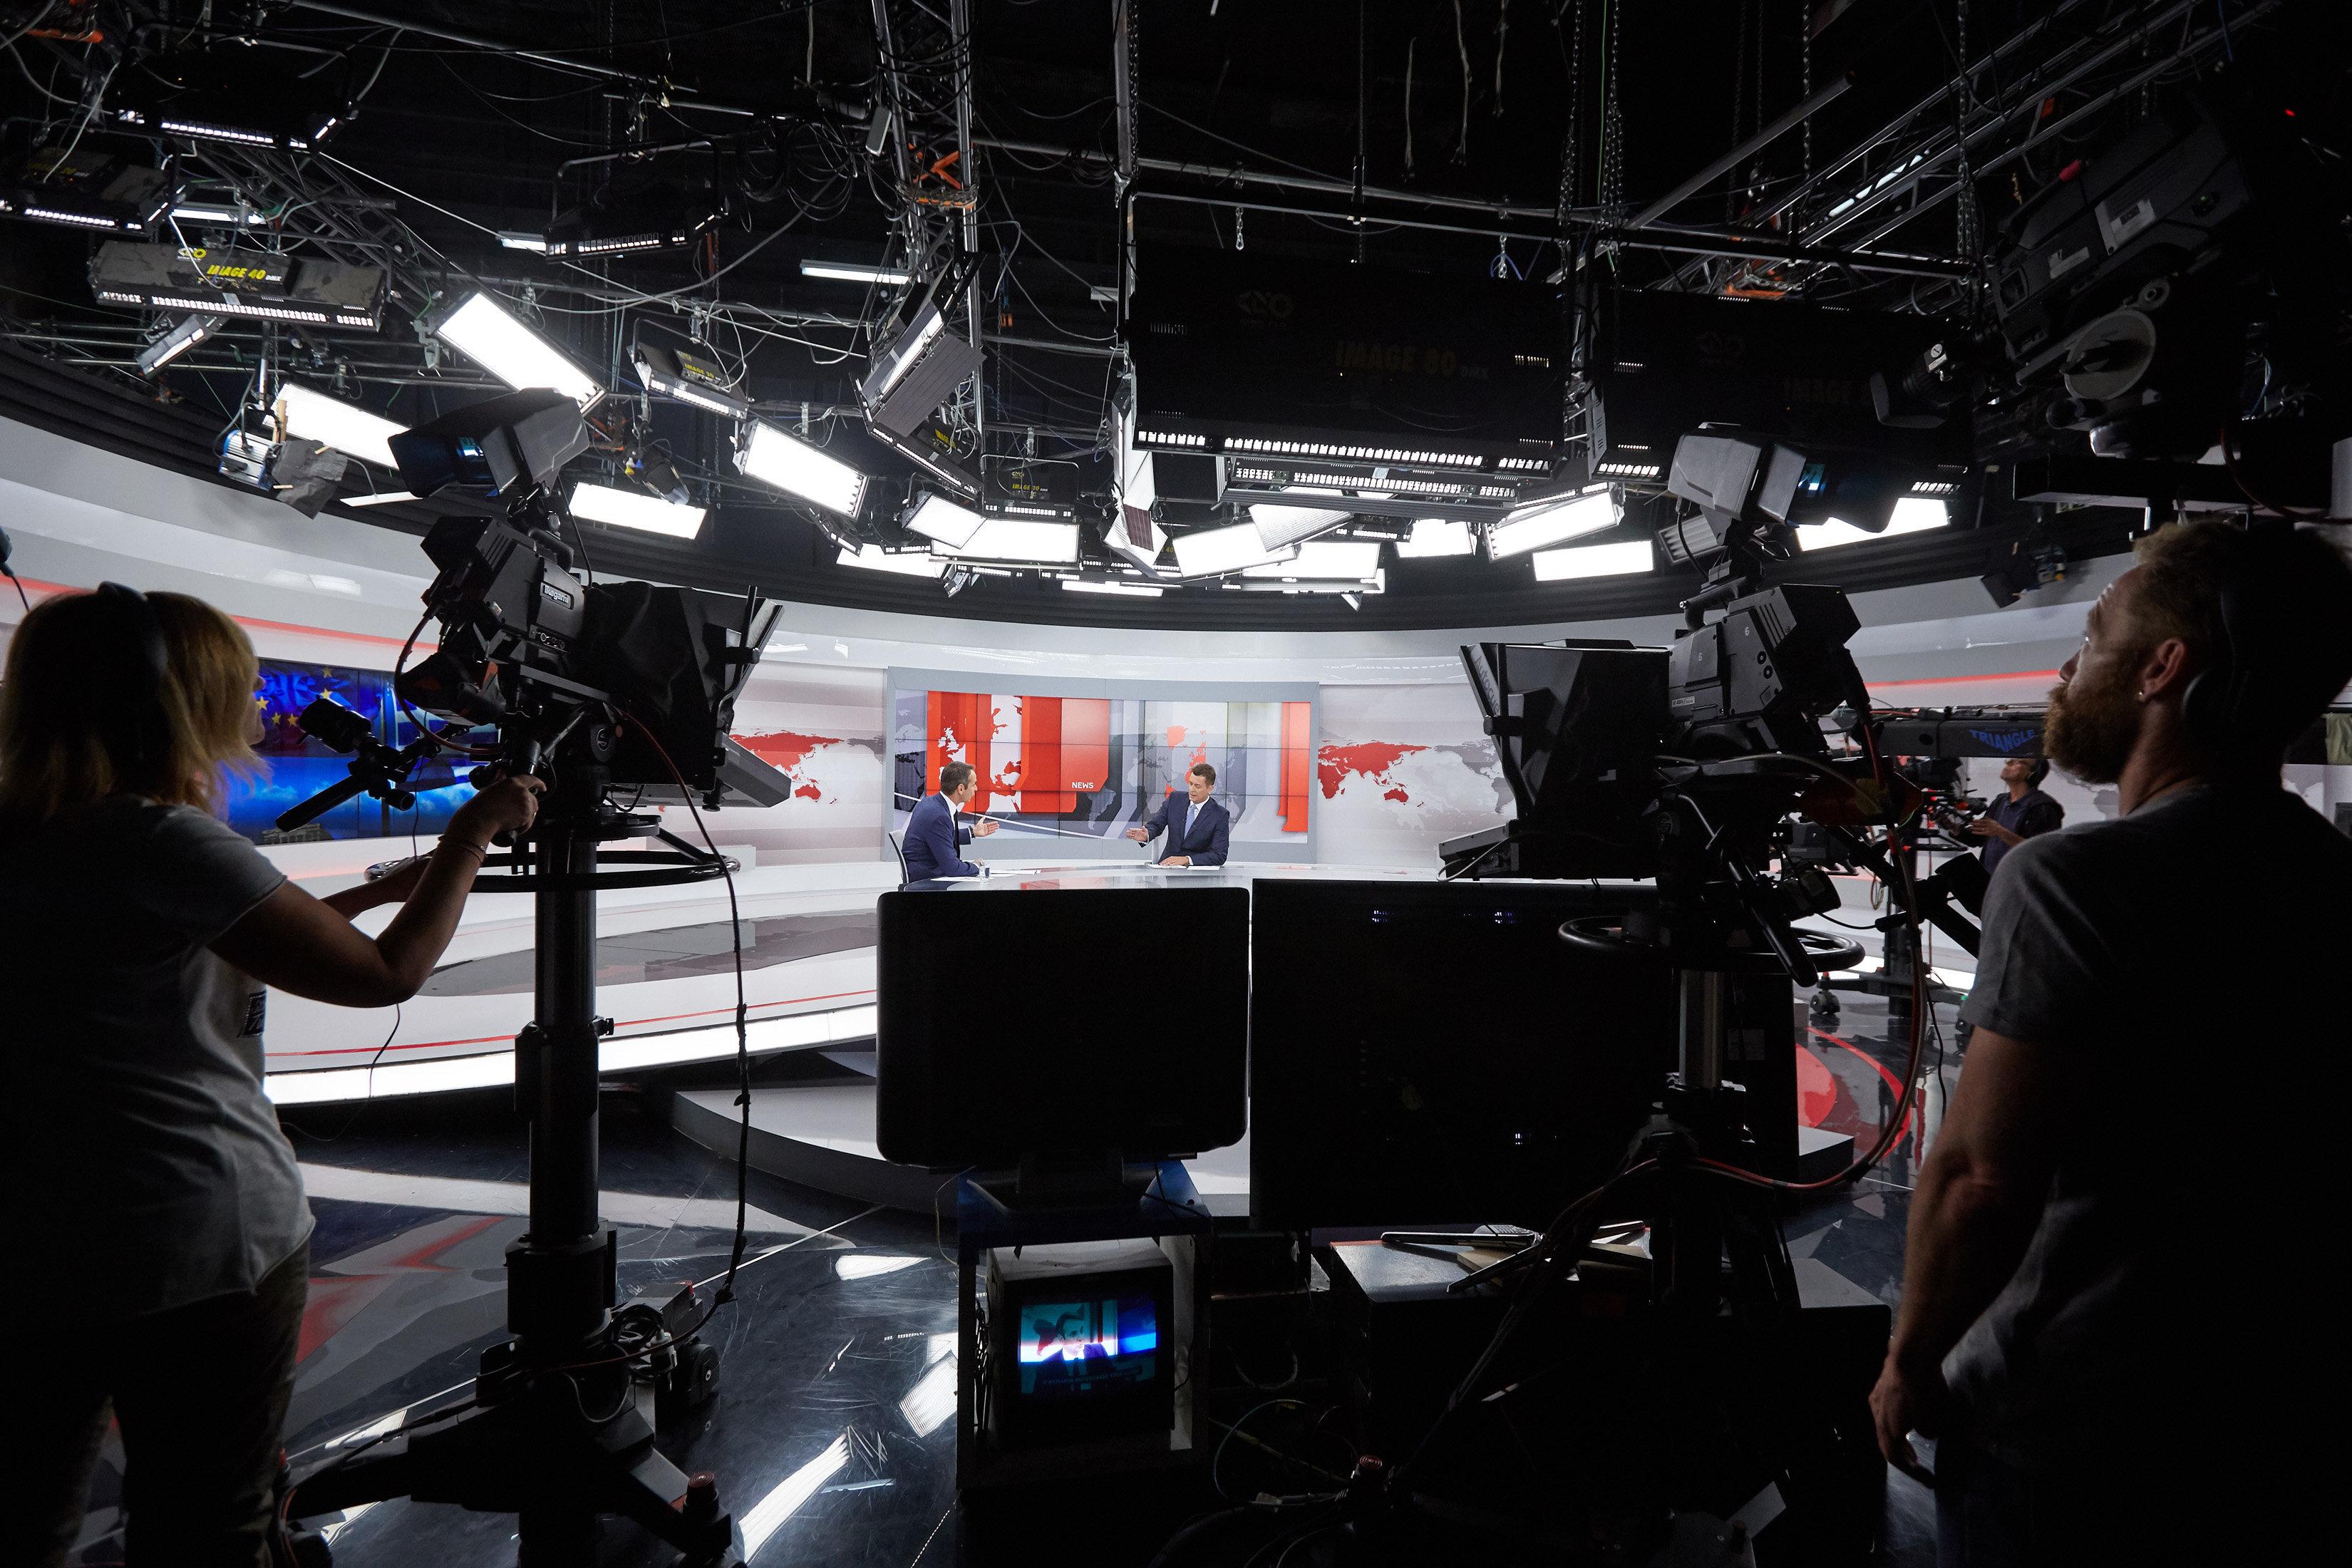 Ο όμιλος Βαρδινογιάννη εξαγόρασε τον τηλεοπτικό σταθμό